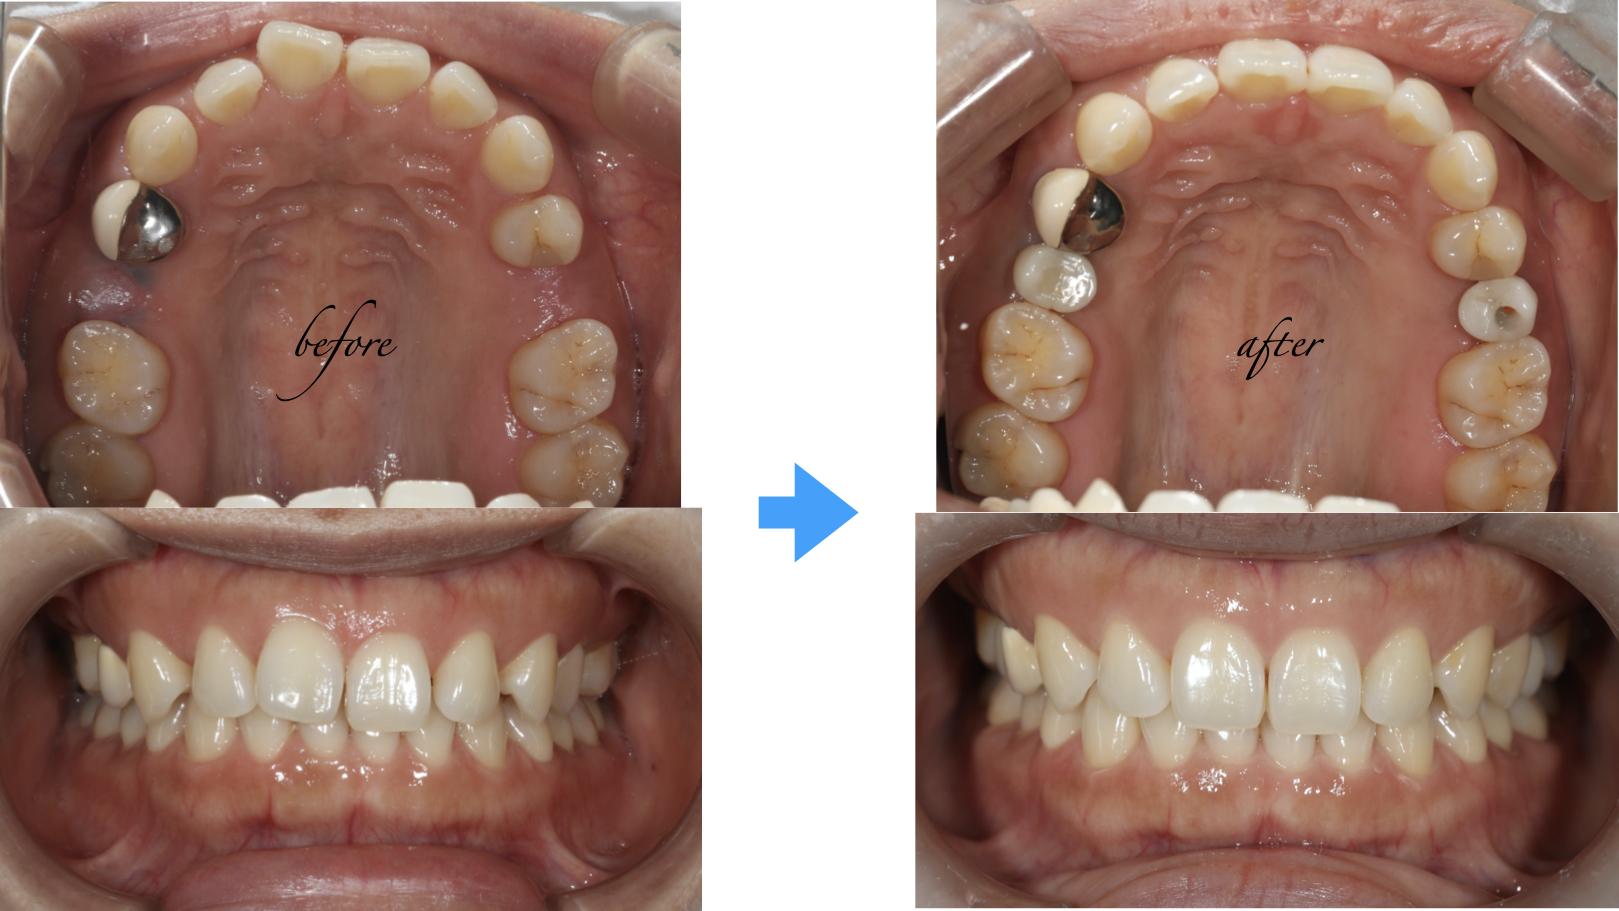 すきっ歯をインビザライン とインプラントで治療した症例